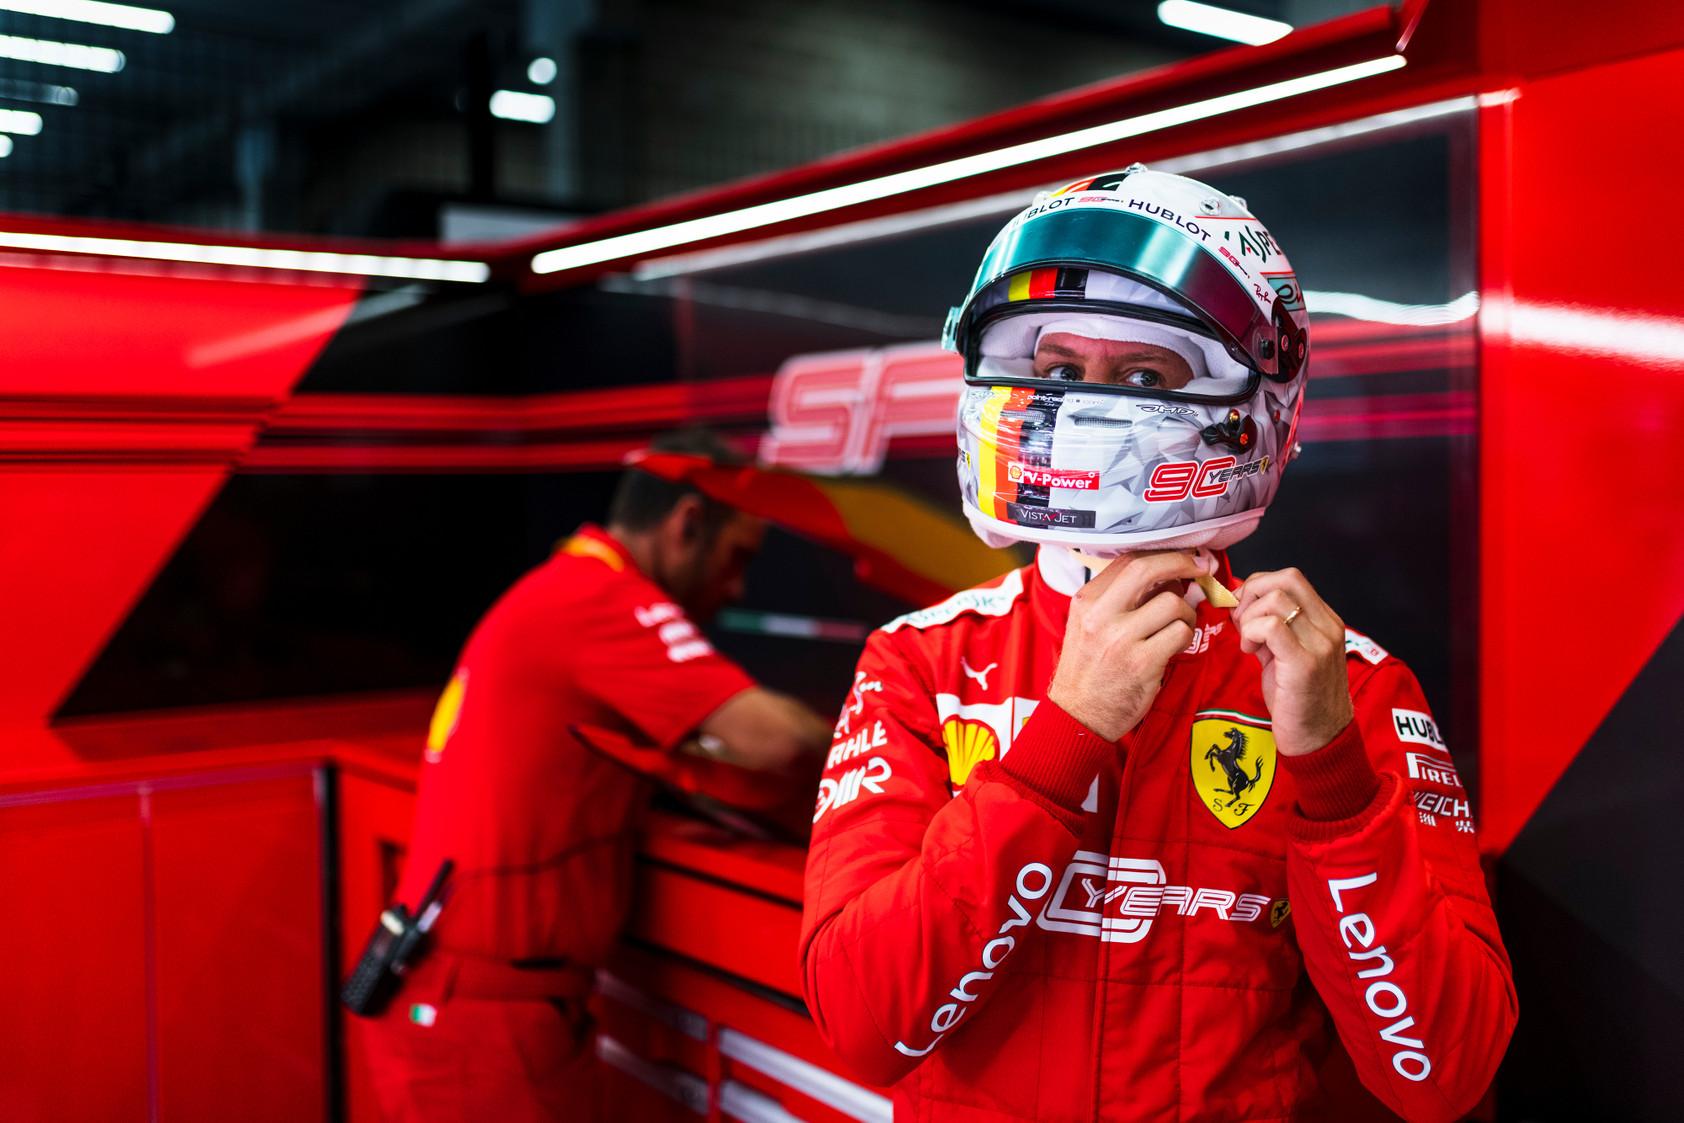 N. Rosbergas: Vargšas Vettelis, Belgijoje atrodė kaip Barrichello